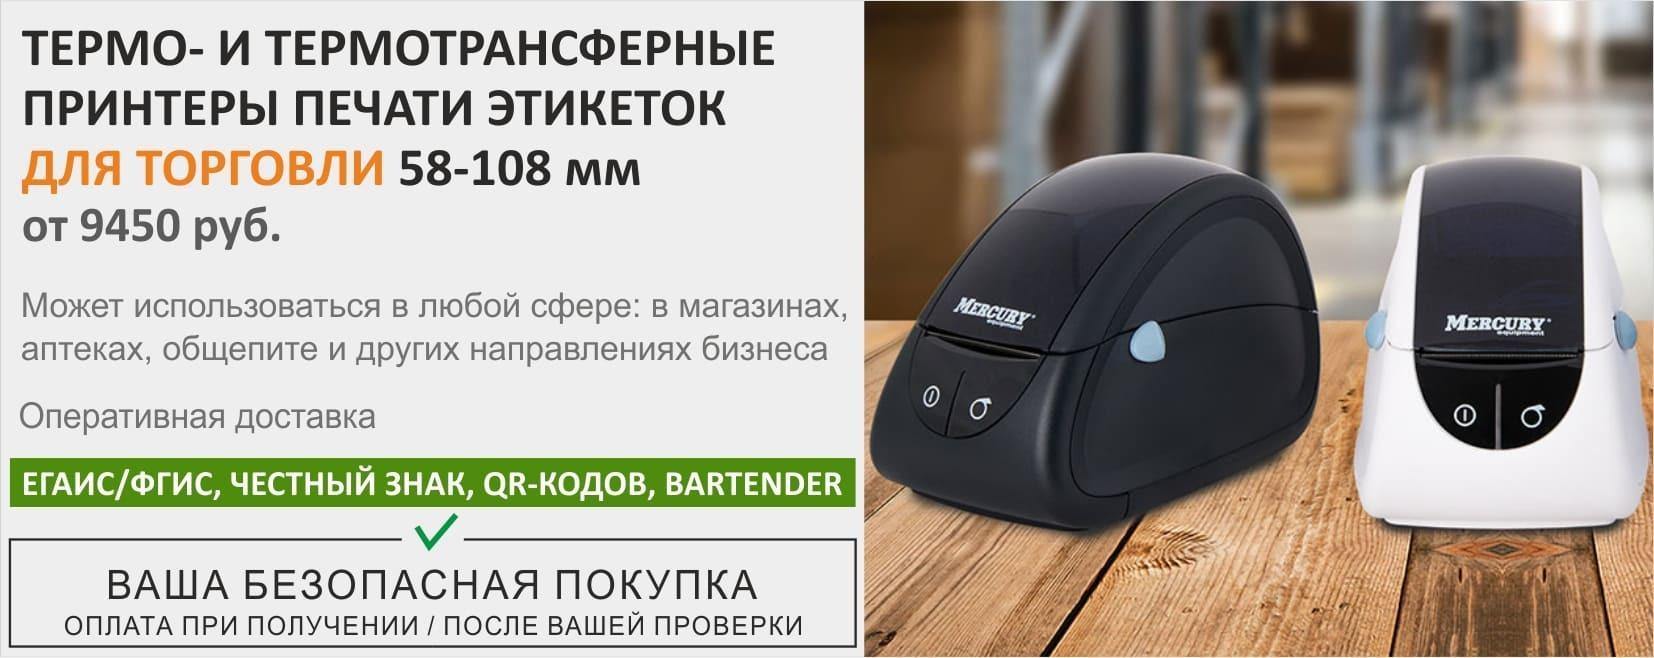 - Принтеры этикеток для торговли